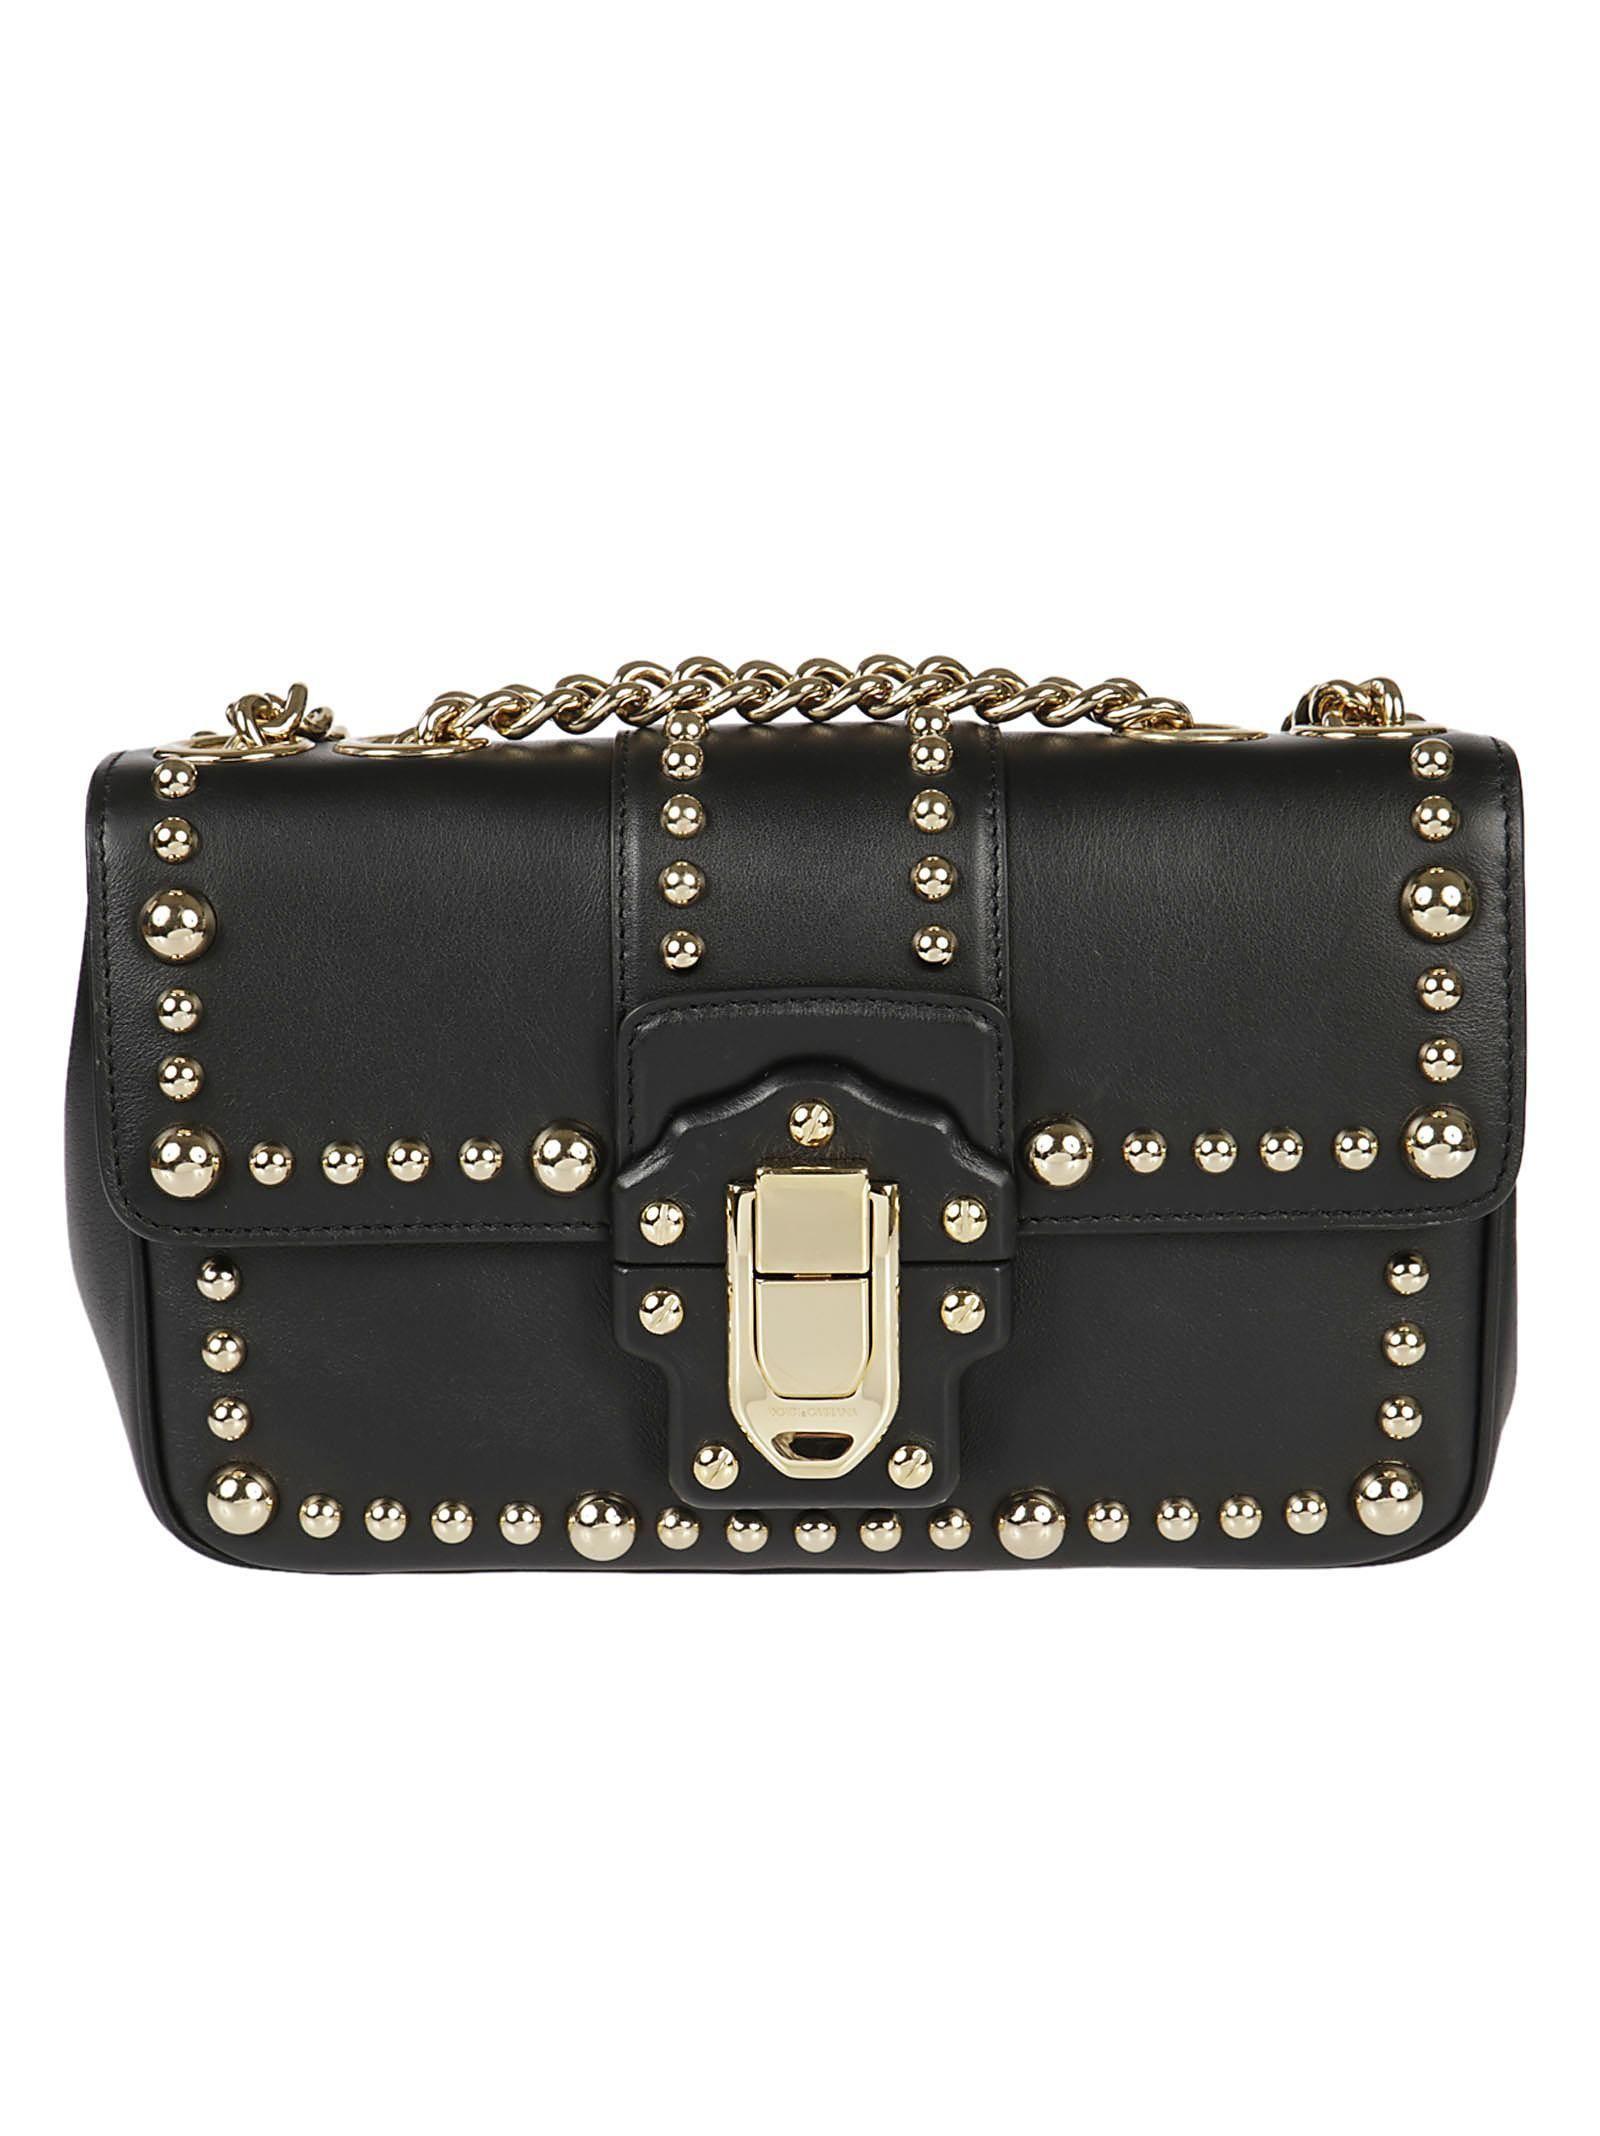 DOLCE   GABBANA DOLCE   GABBANA GOLD STUD SHOULDER BAG.  dolcegabbana  bags   shoulder bags  leather   76ac7c51c3da2